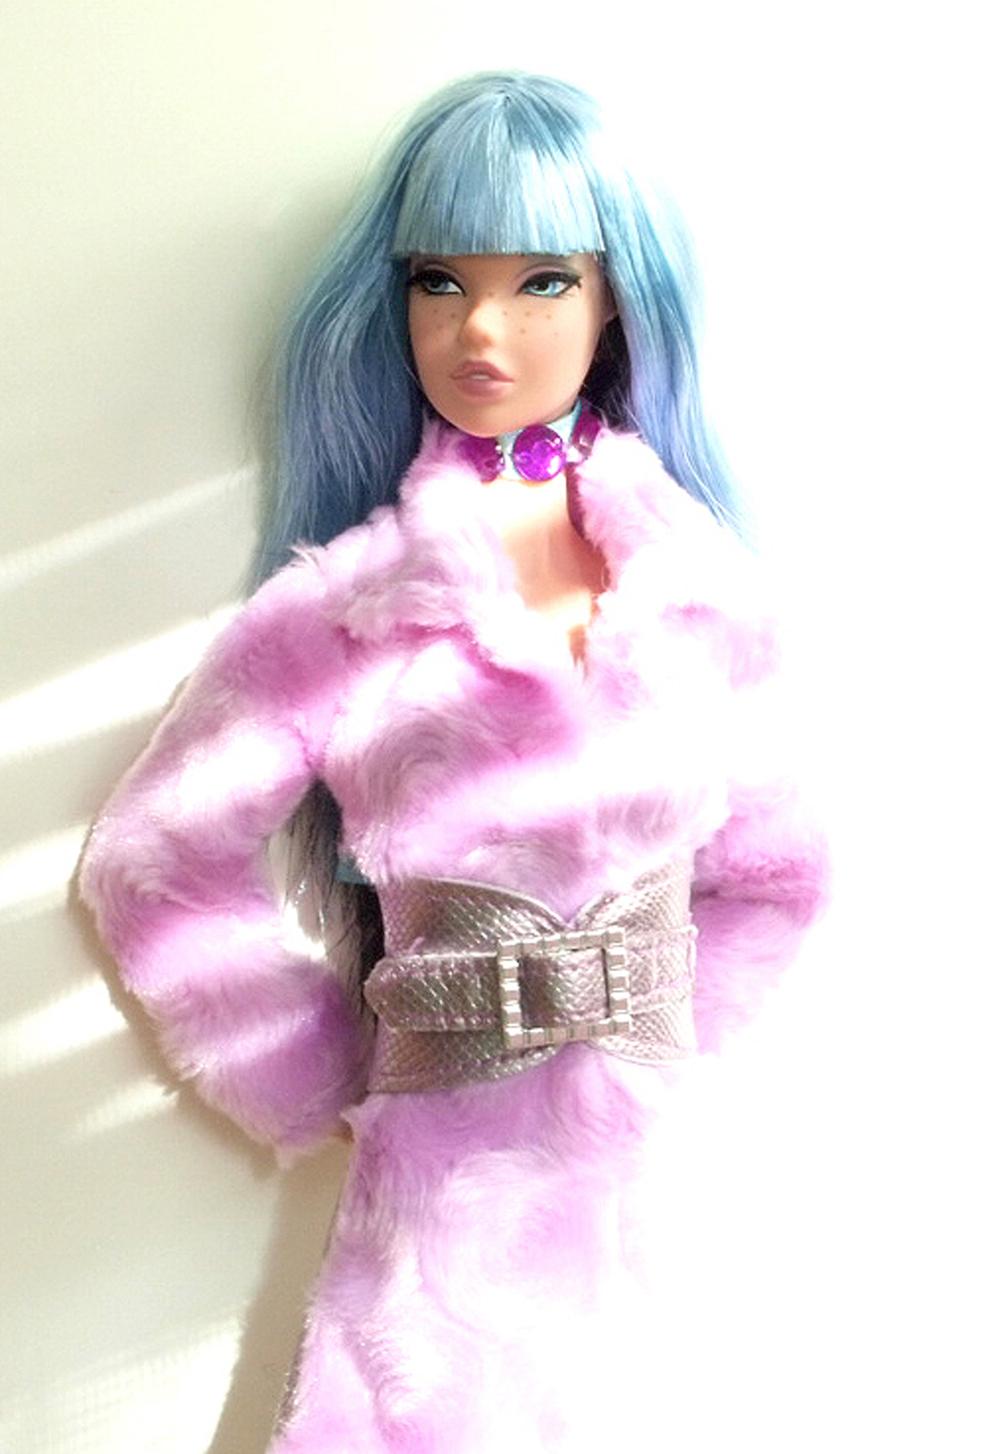 lavenderlovely.jpg